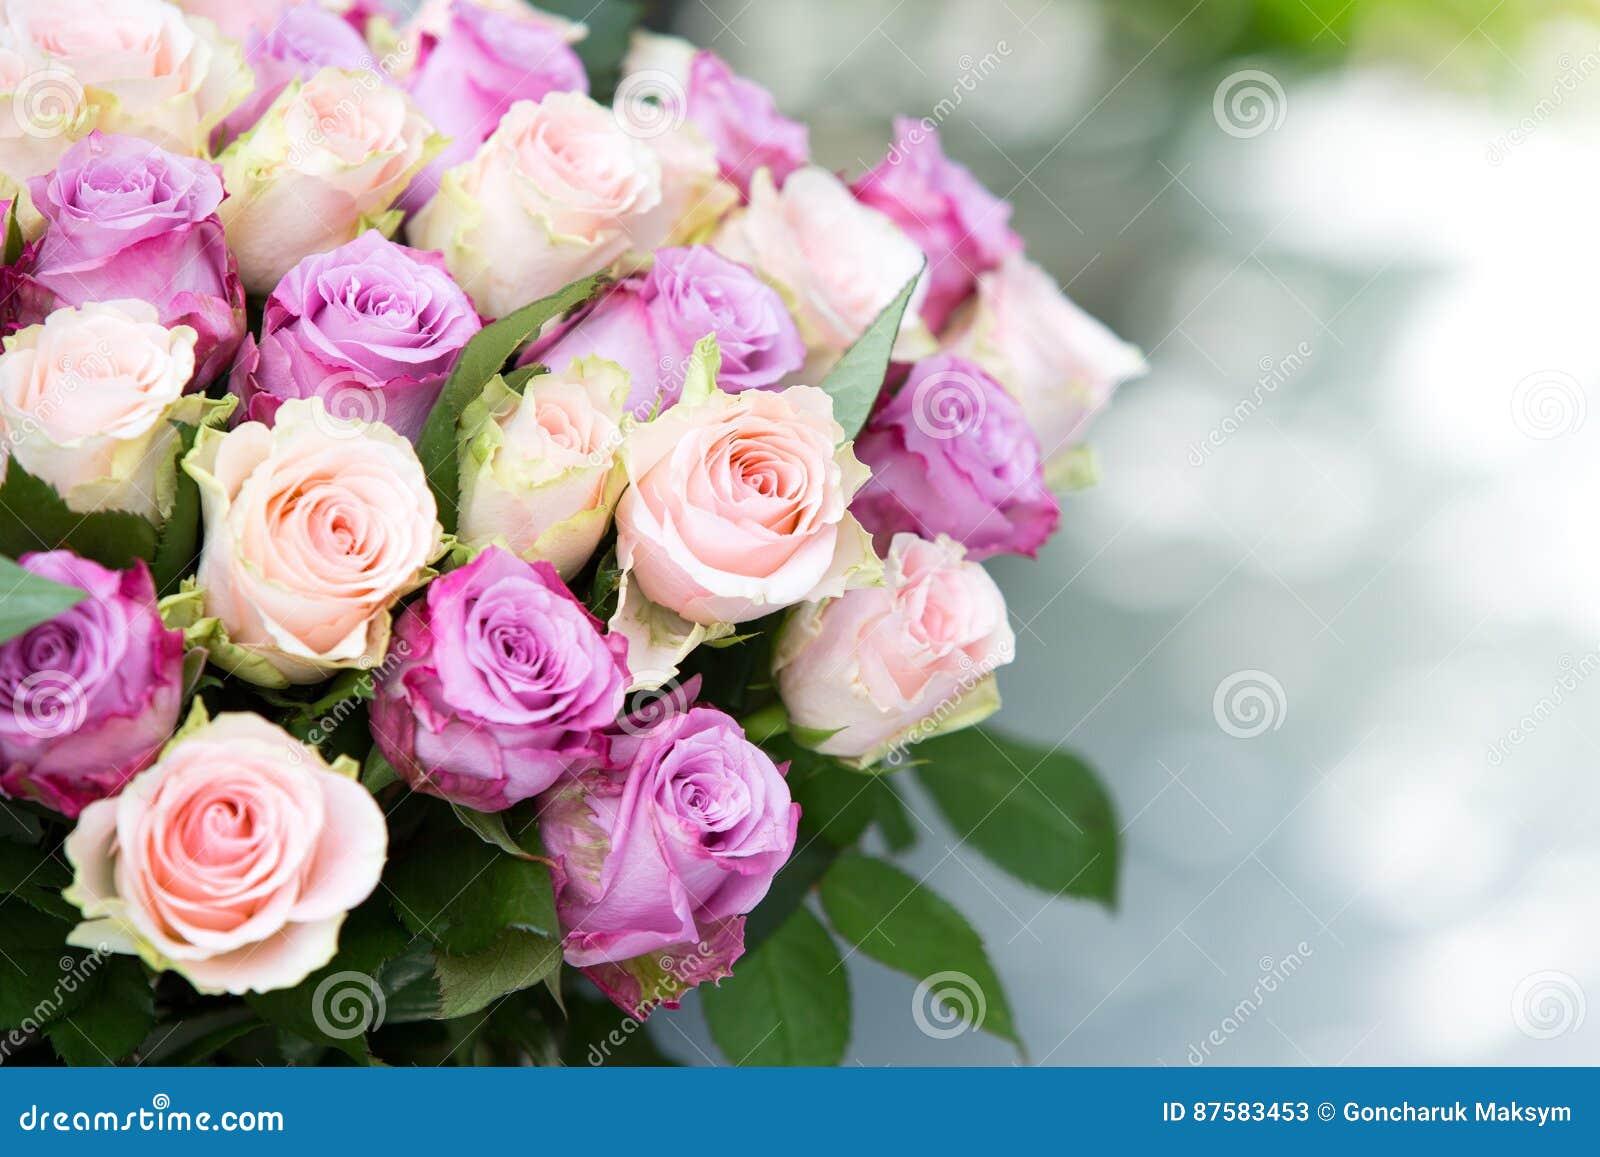 κορυφαία όψη τριαντάφυλλων ανθοδεσμών